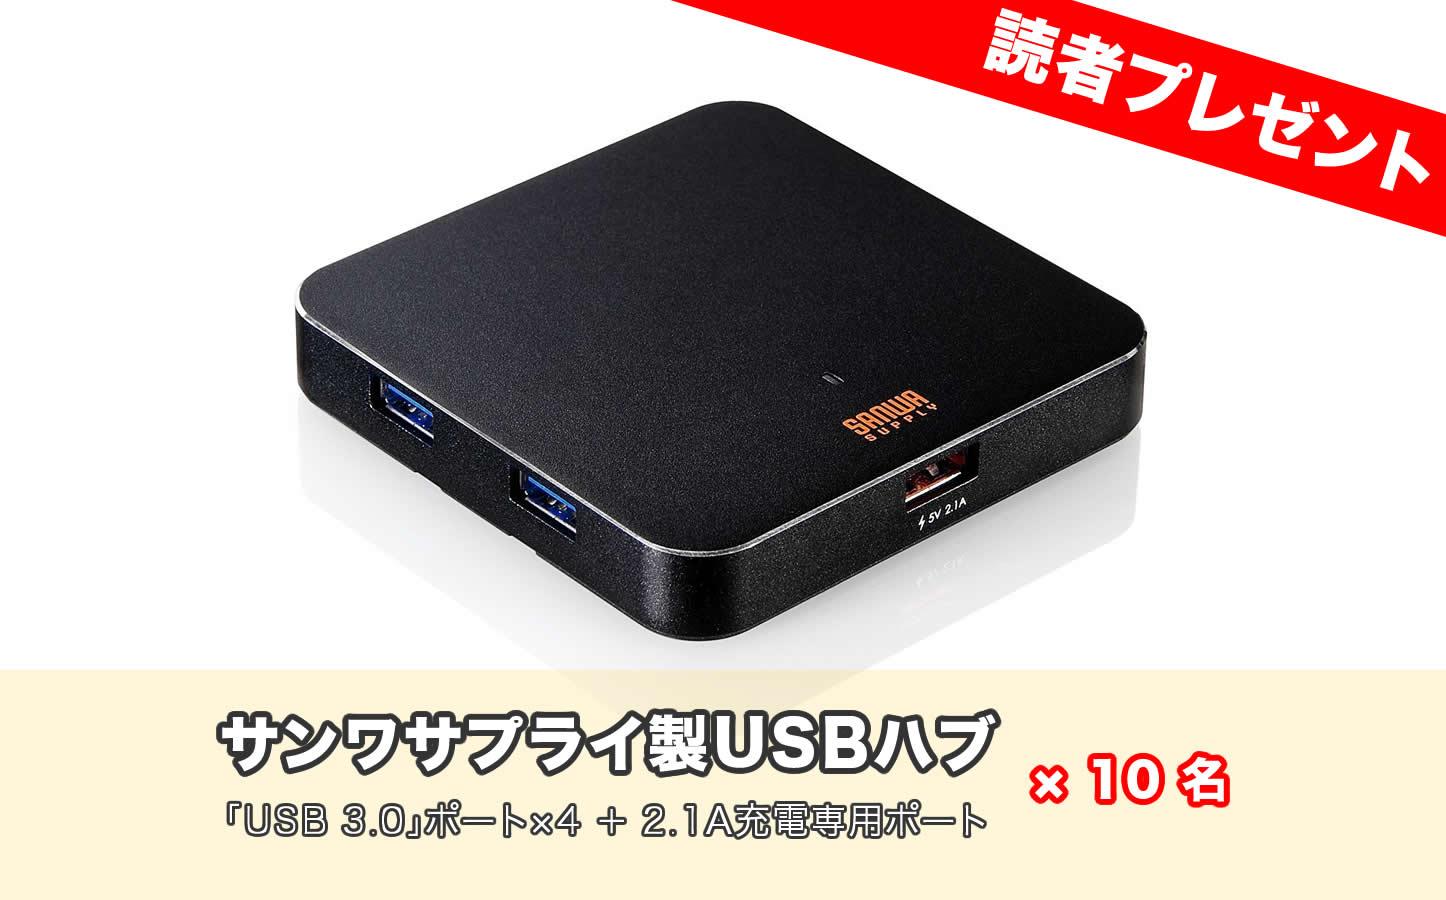 USBハブプレゼント